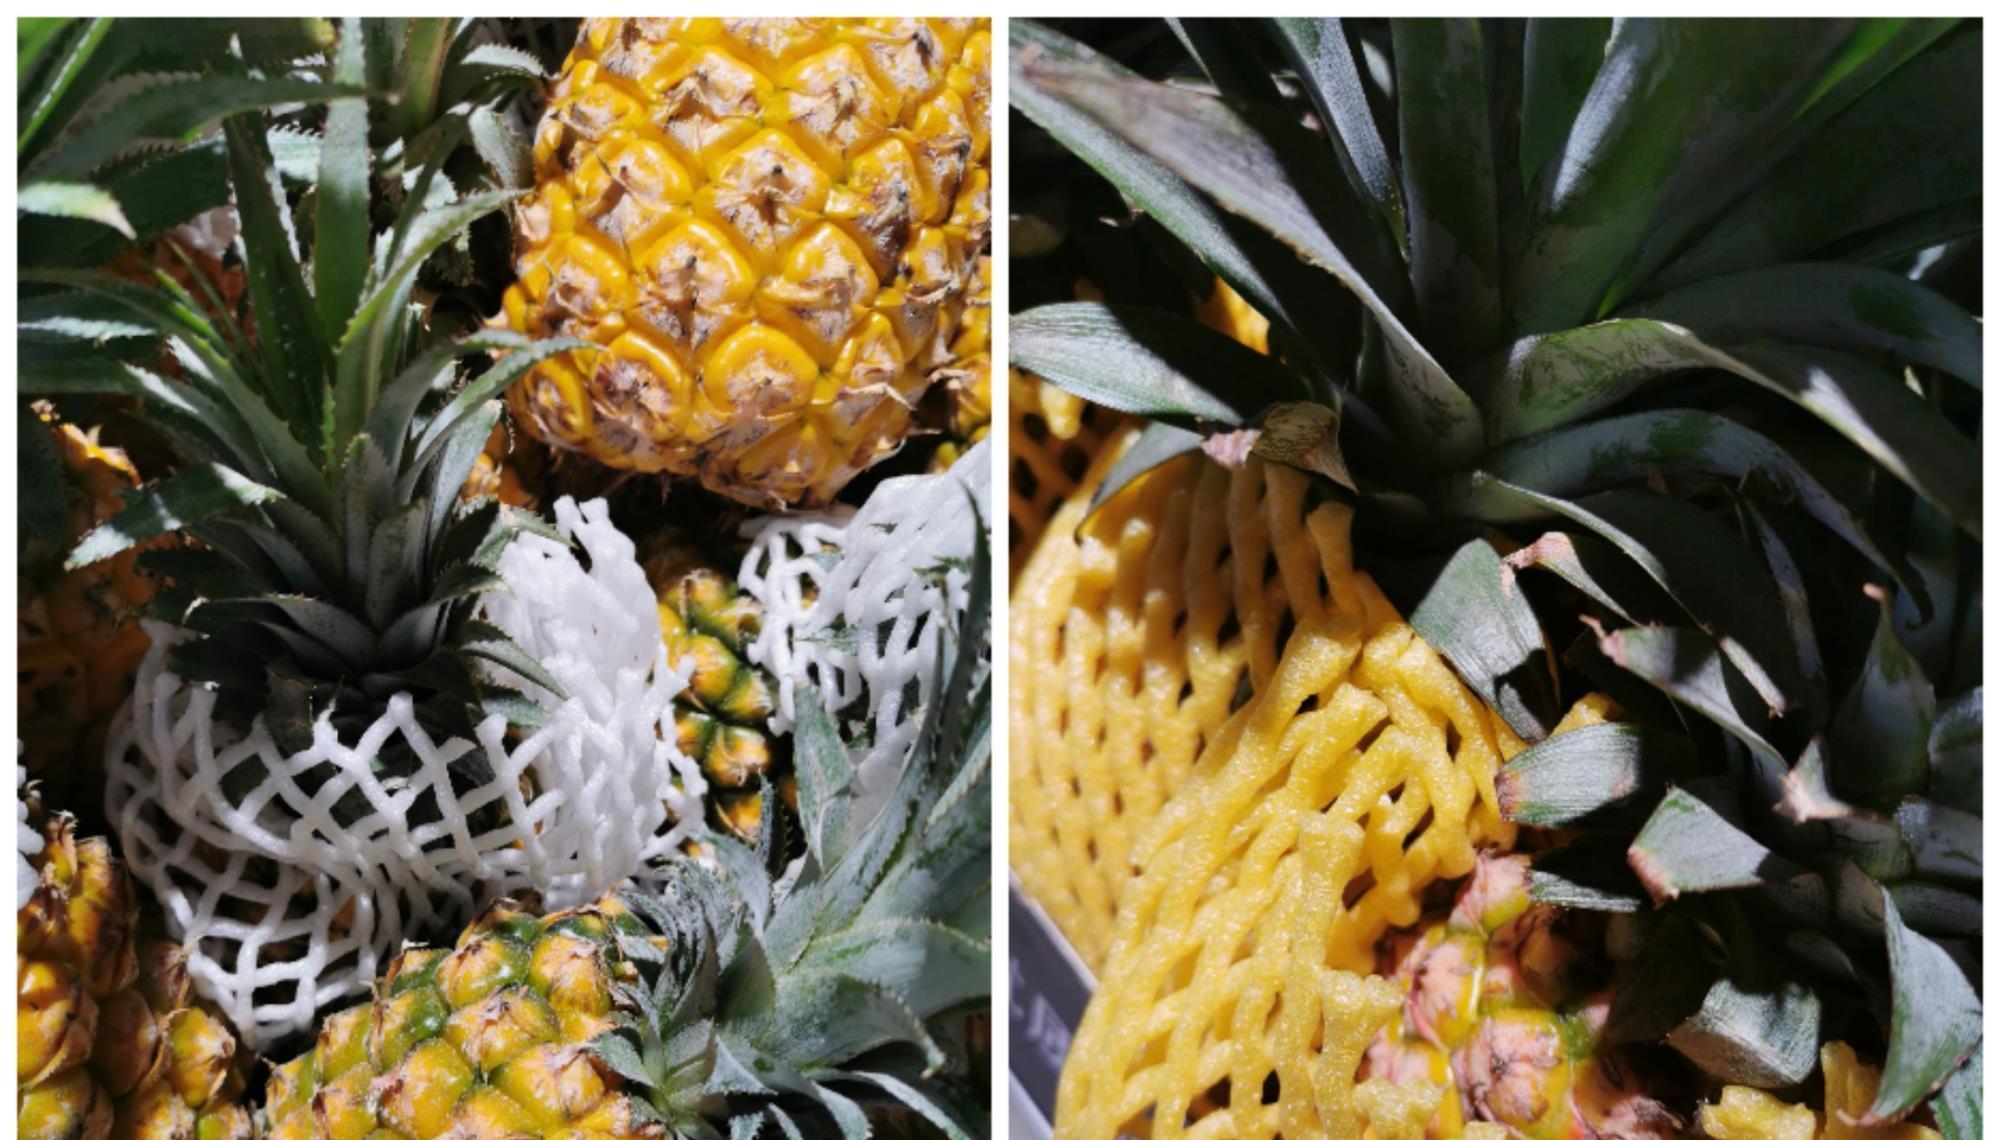 凤梨和菠萝是一样的吗?学会区分它们,只需简单一招!